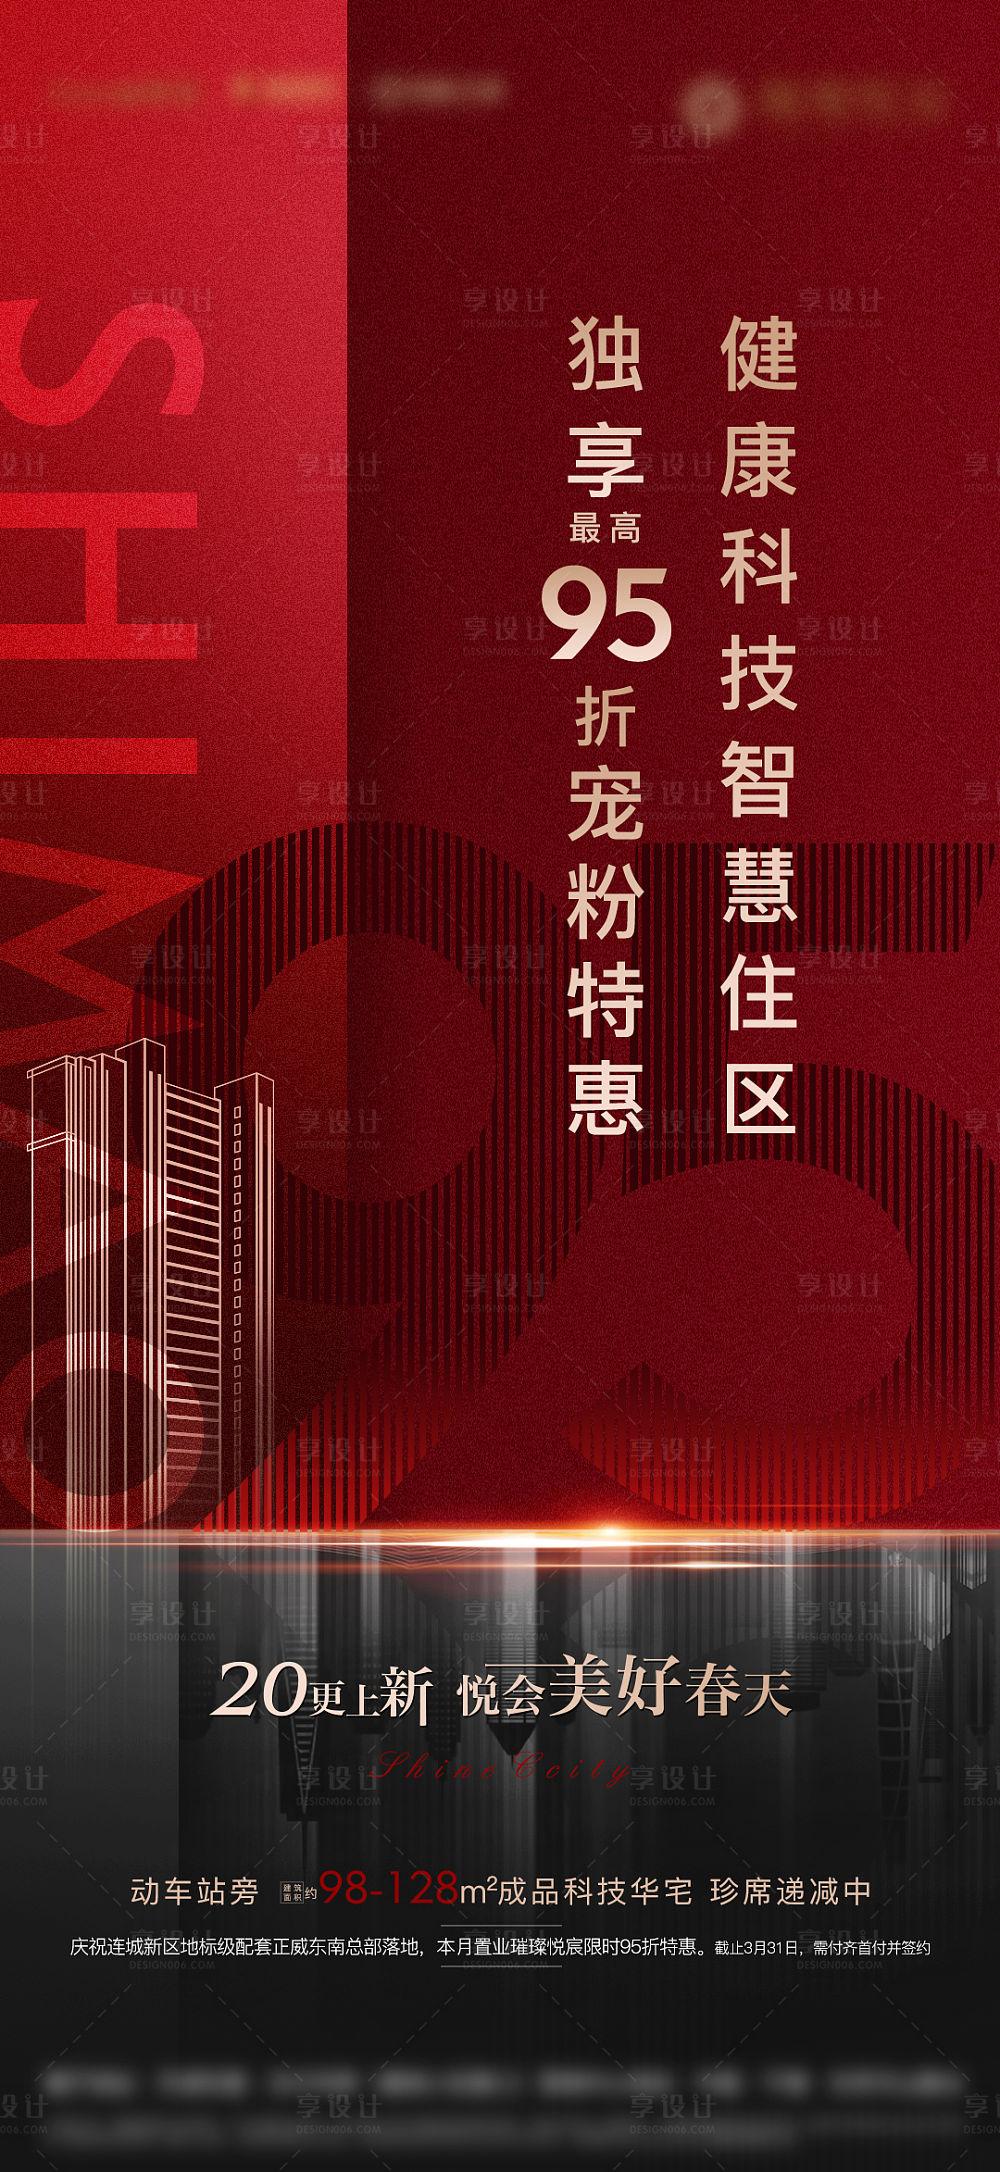 【源文件下载】 海报 房地产 加推 红金 大气设计作品 设计图集